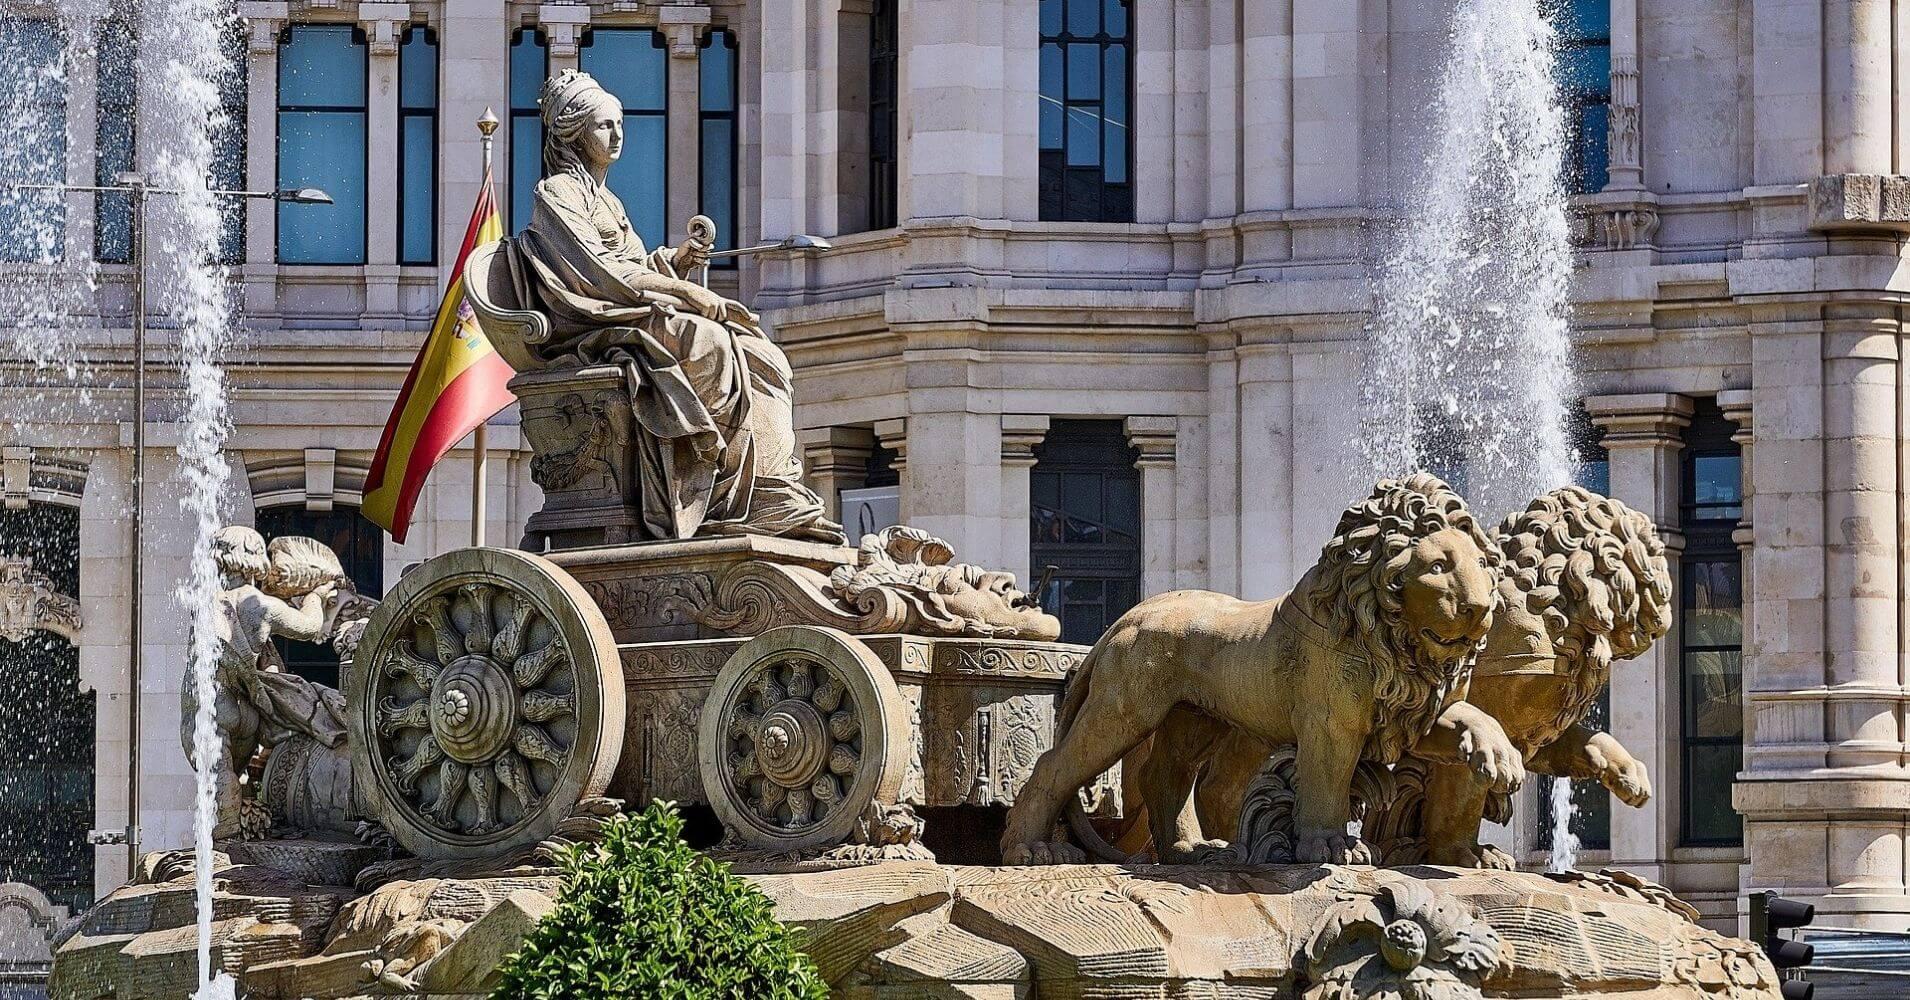 Fuente de la Cibeles. Madrid.